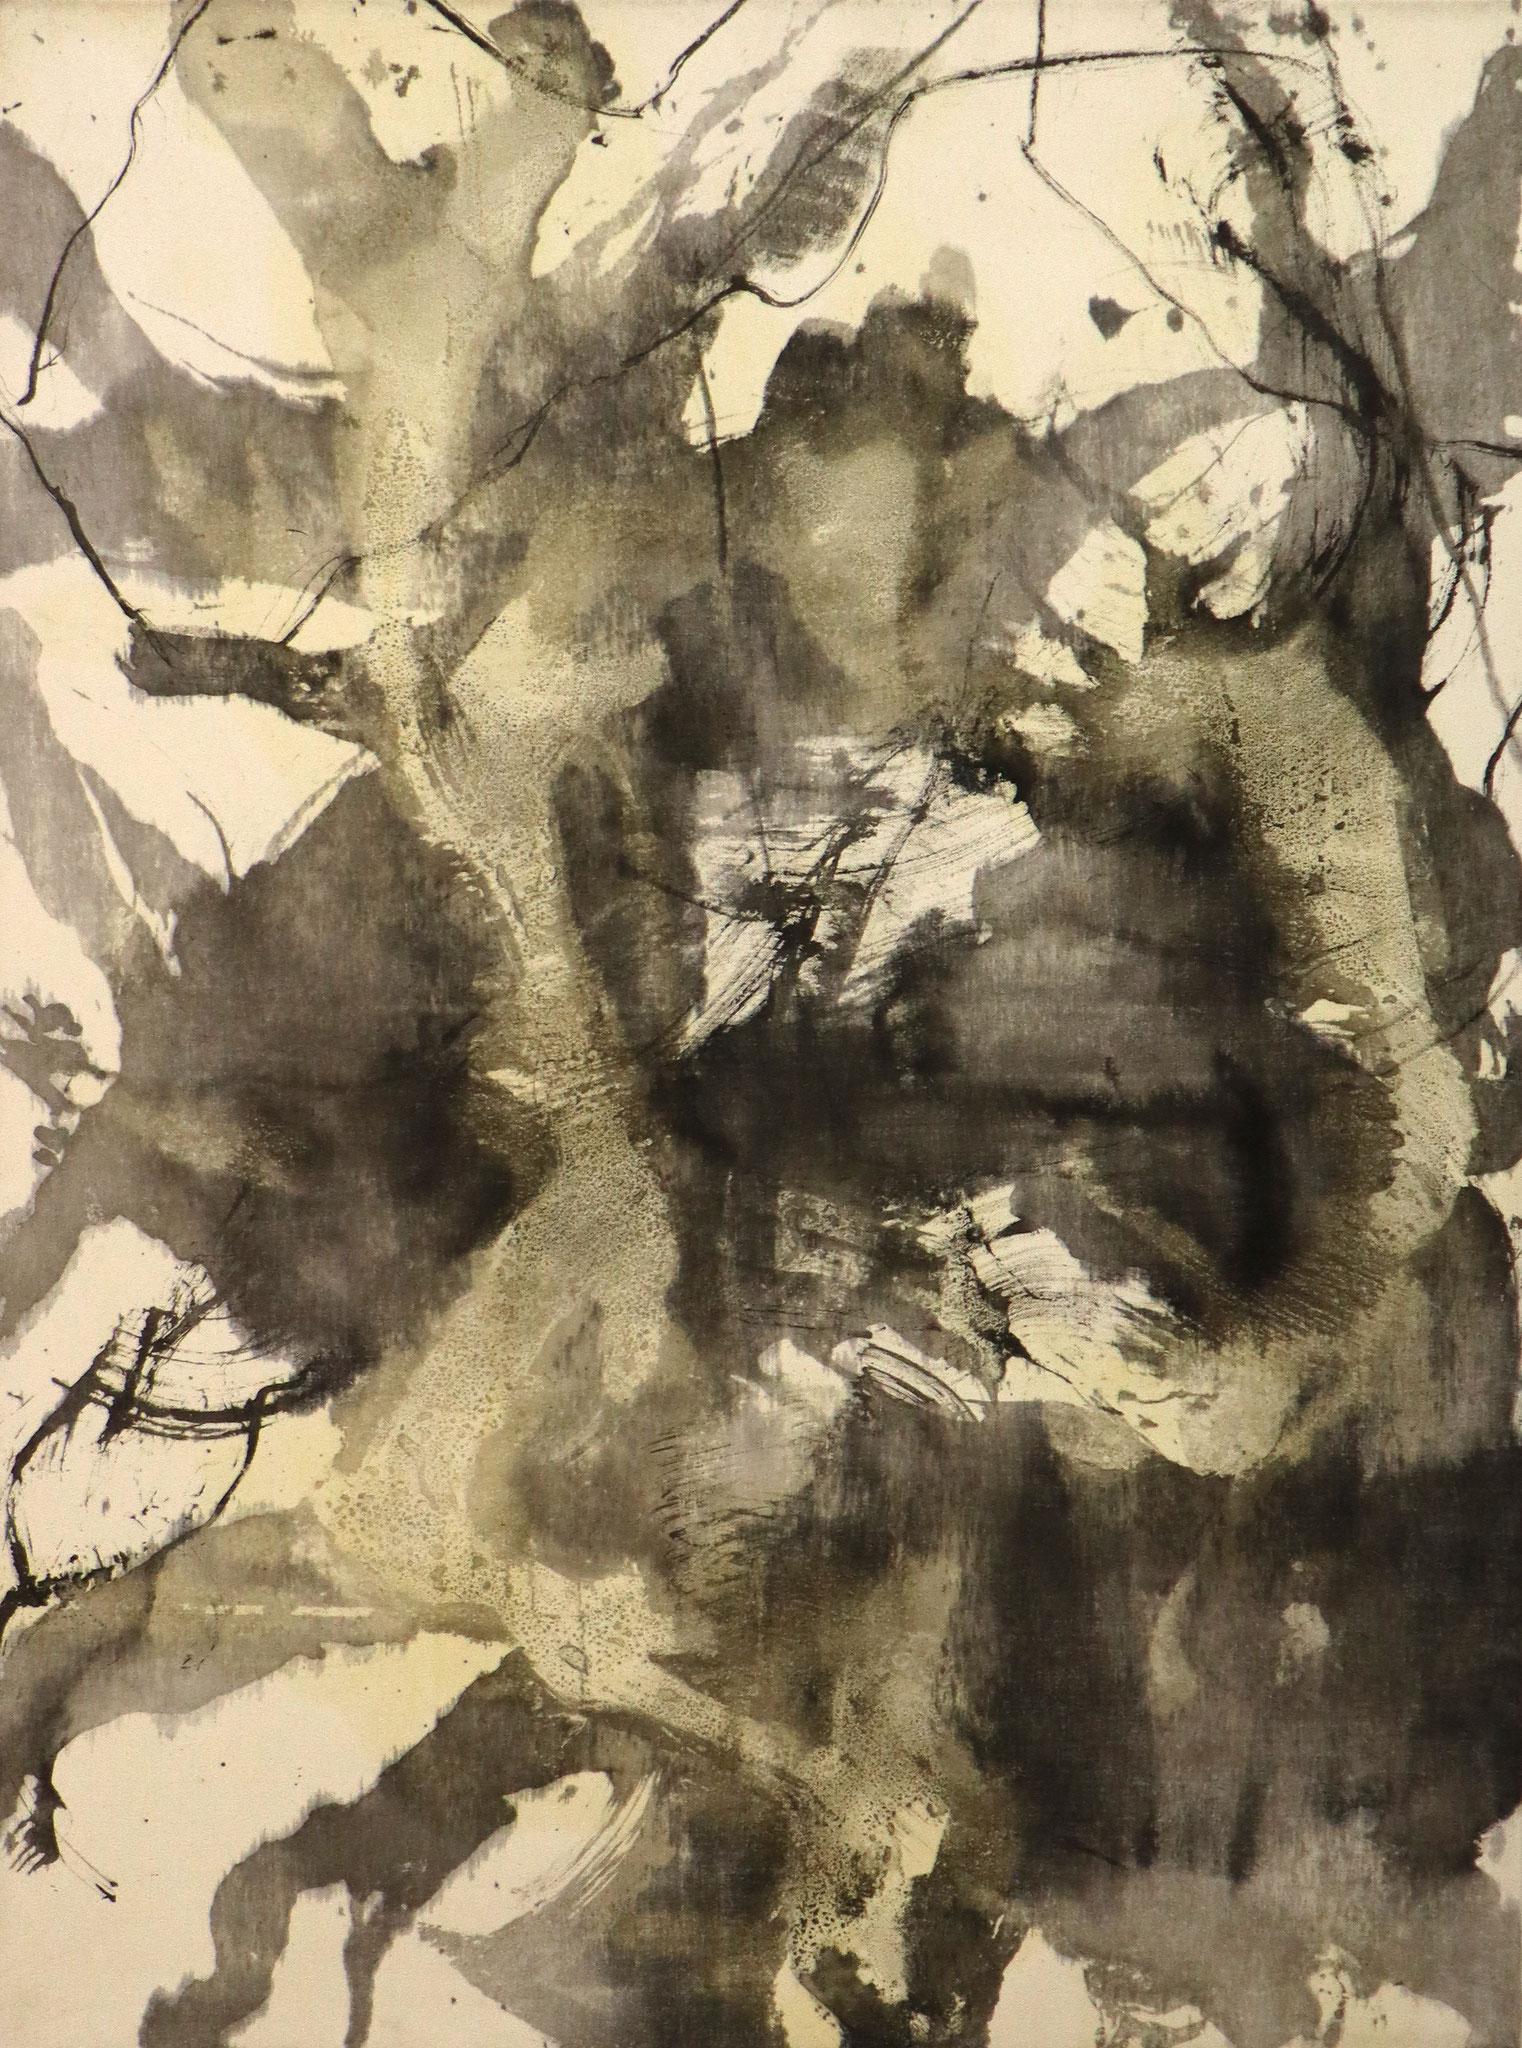 Serie 'Traces' 2020 - Tusche & Öl auf Leinwand / ink & oil on canvas - 90 x 120 x 1.8 cm